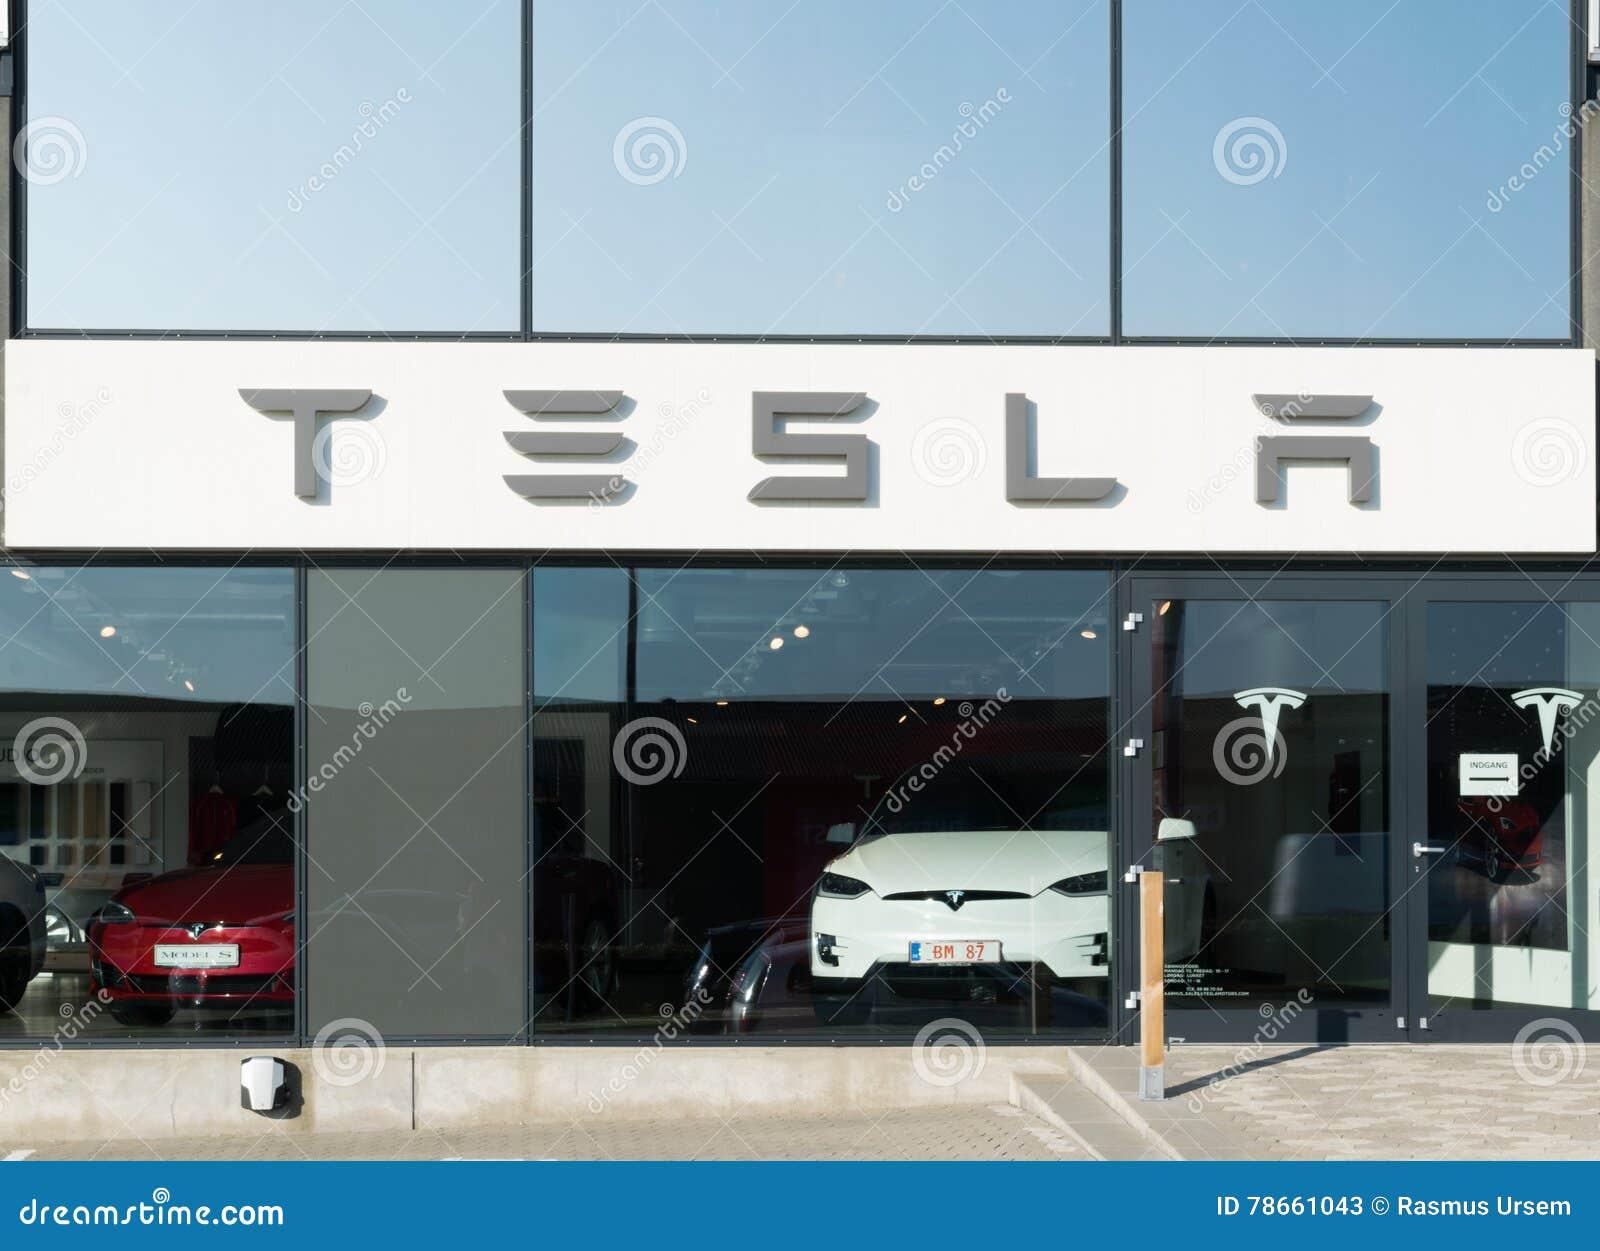 Aarhus, Dinamarca - 14 de setembro de 2016: Entrada do concessionário automóvel de Tesla